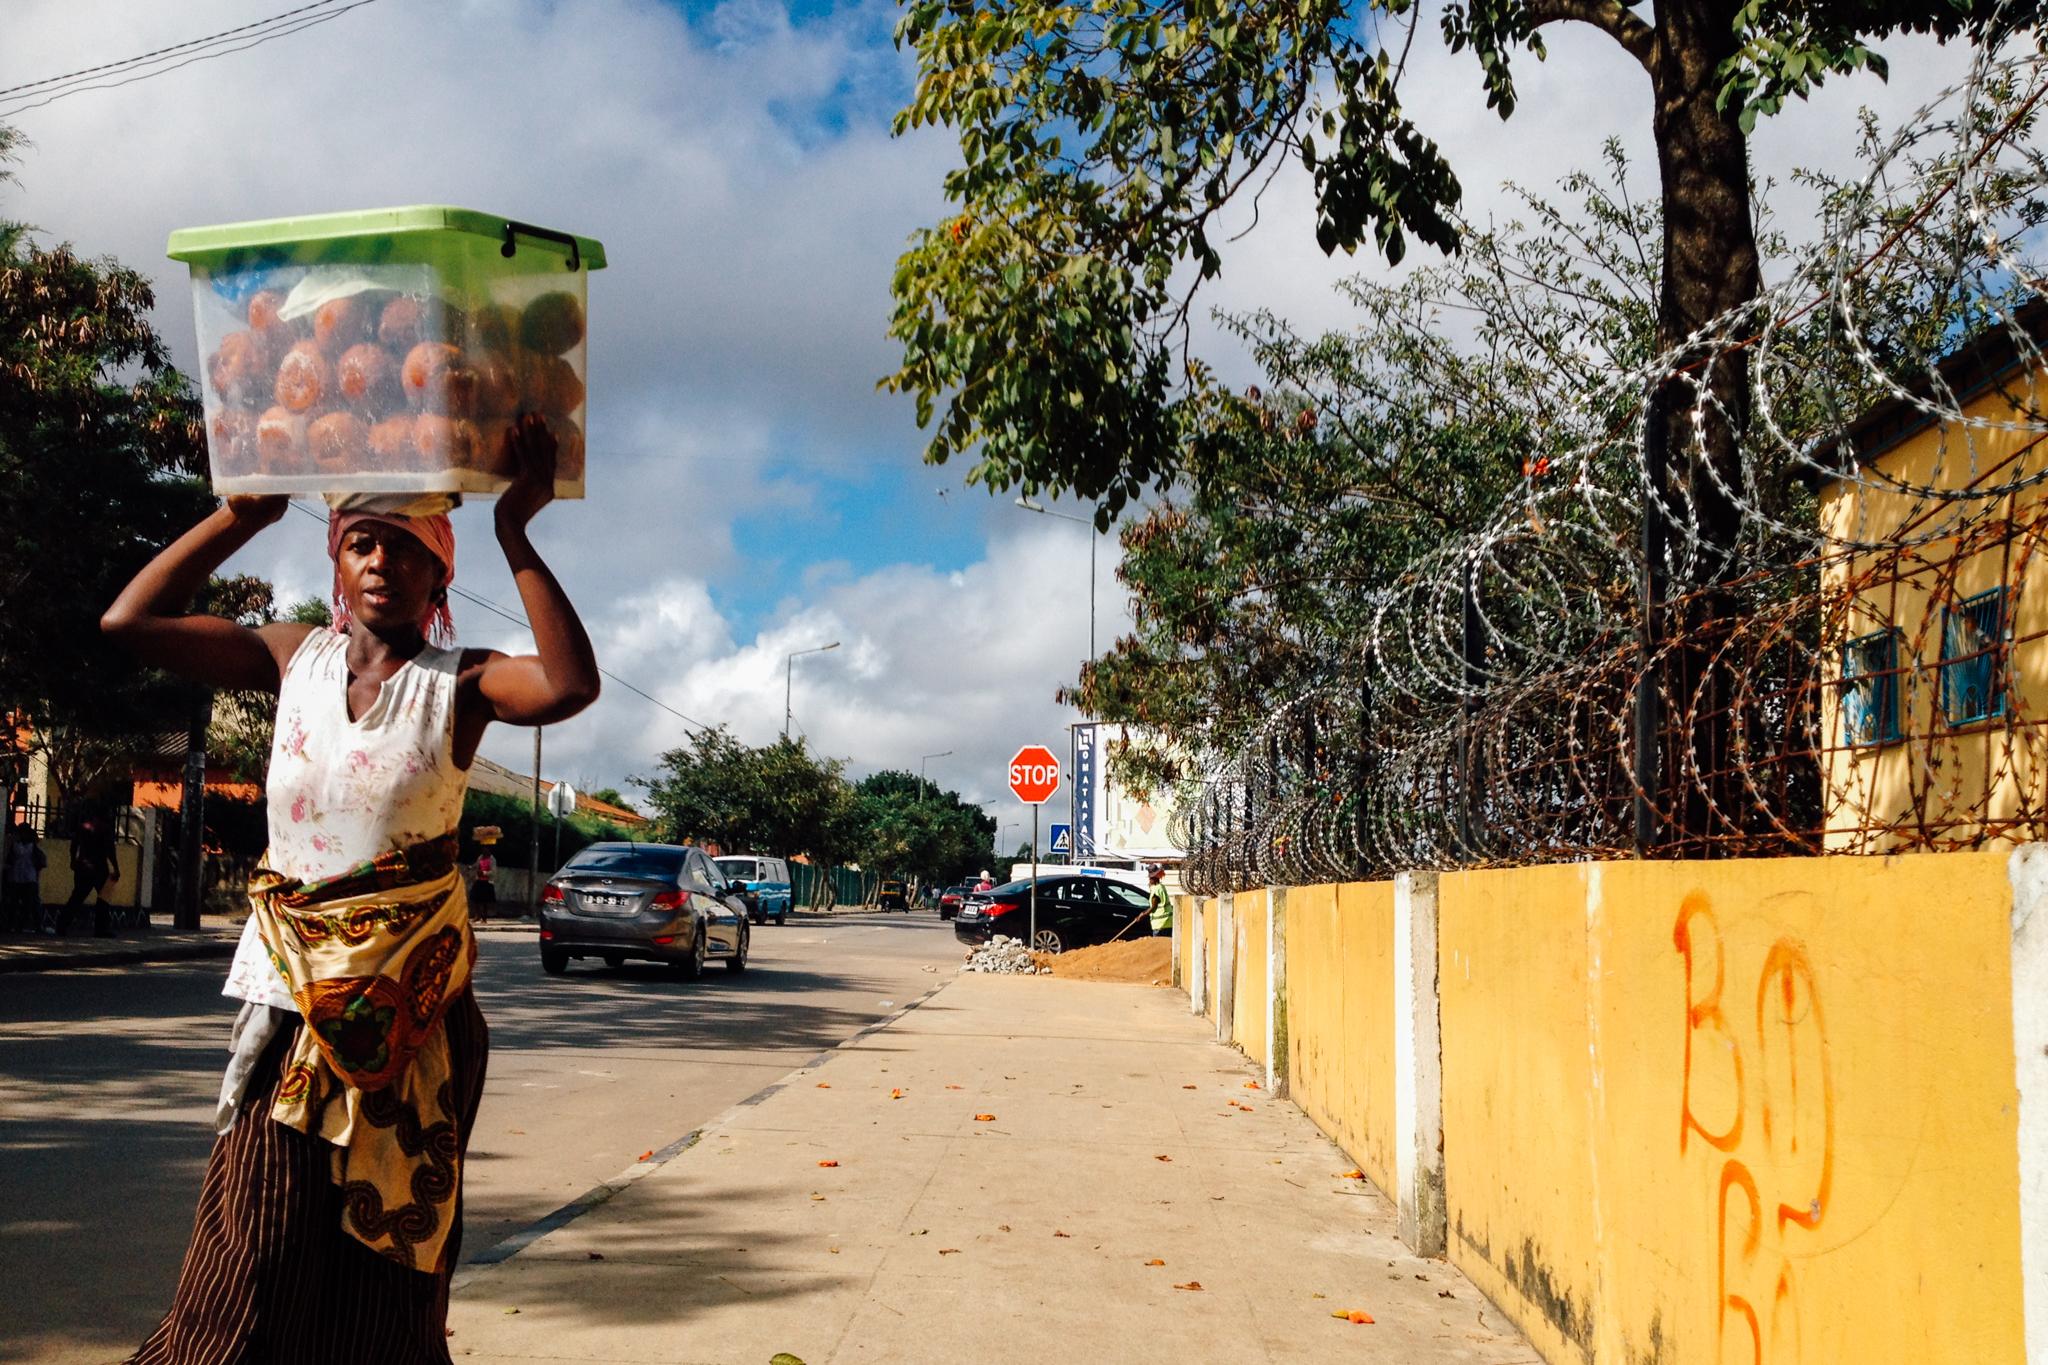 [2014] iPhone 4S - Kuito, Angola